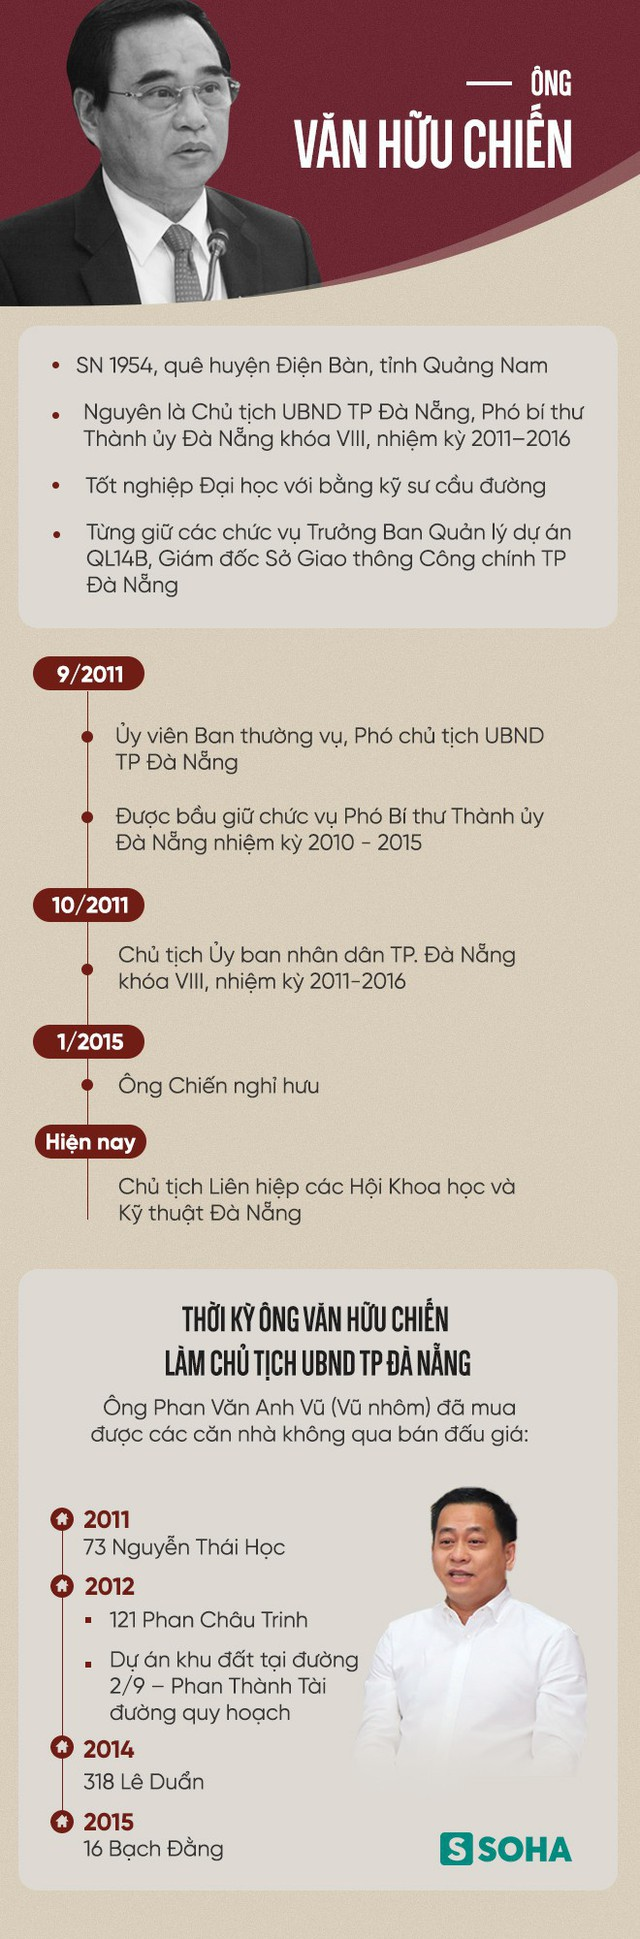 Chân dung nguyên chủ tịch Đà Nẵng Văn Hữu Chiến vừa bị khởi tố - Ảnh 1.